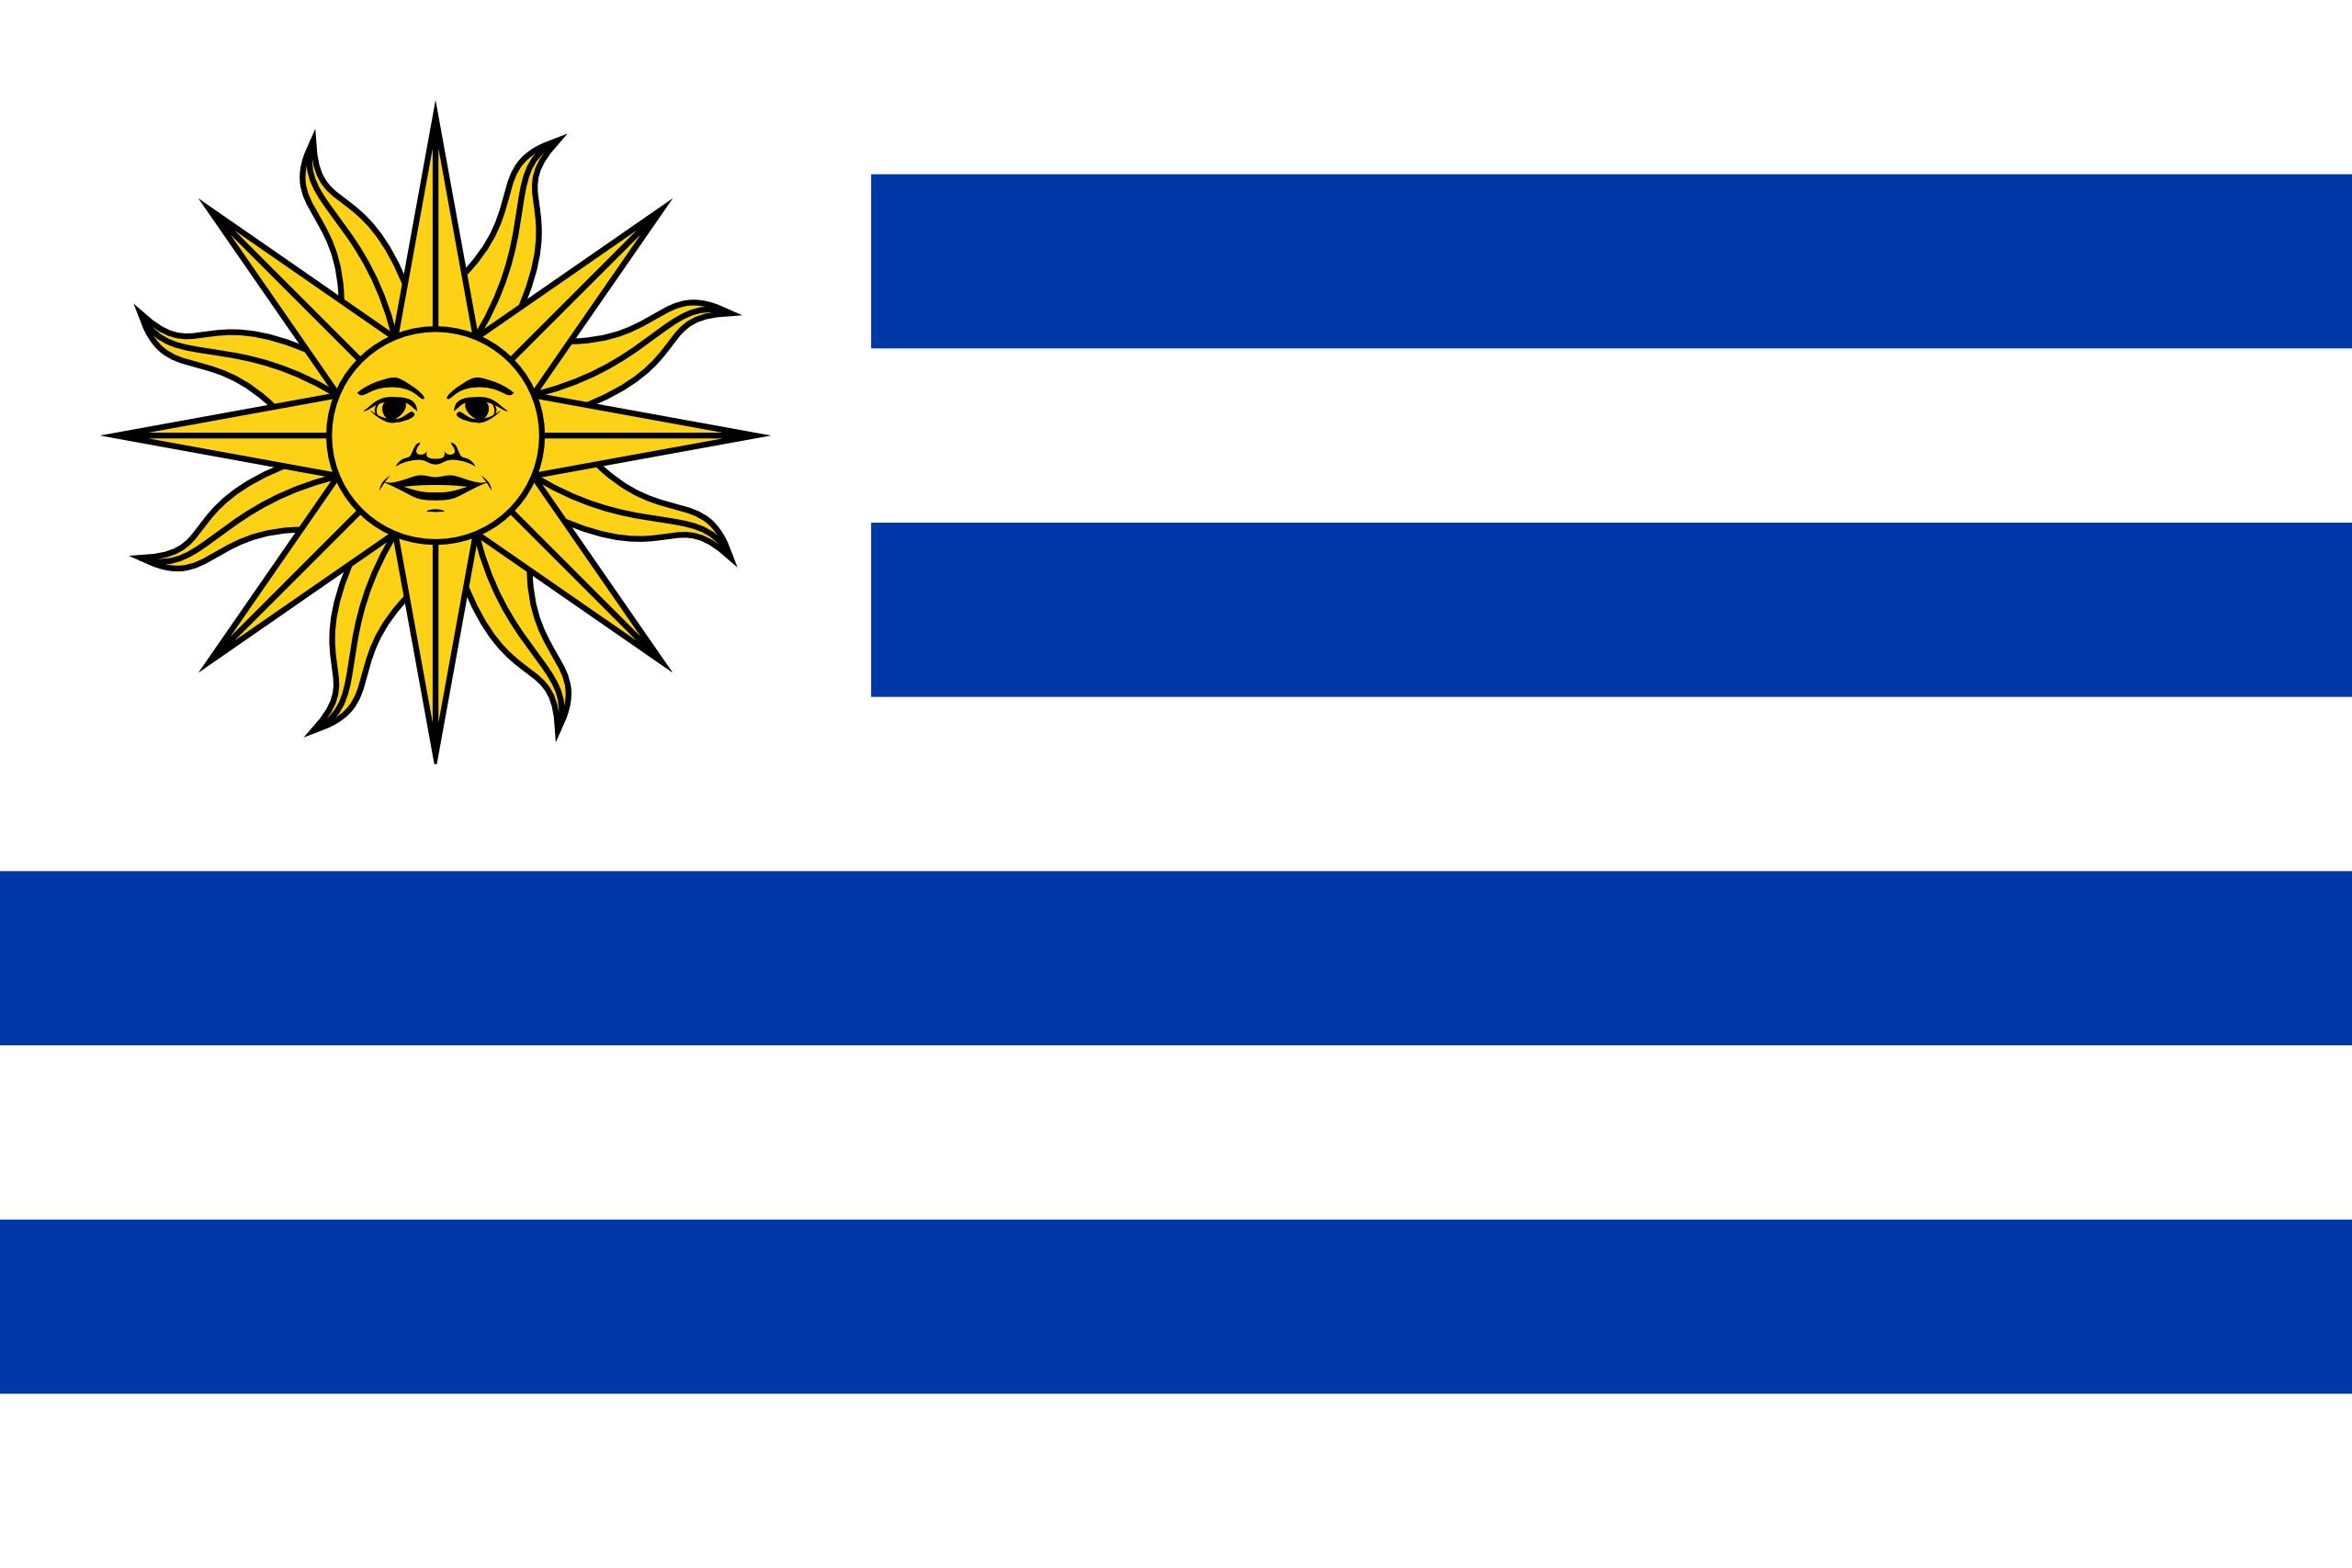 uruguay, país, Brasão de armas, logotipo, símbolo - Papéis de parede HD - Professor-falken.com